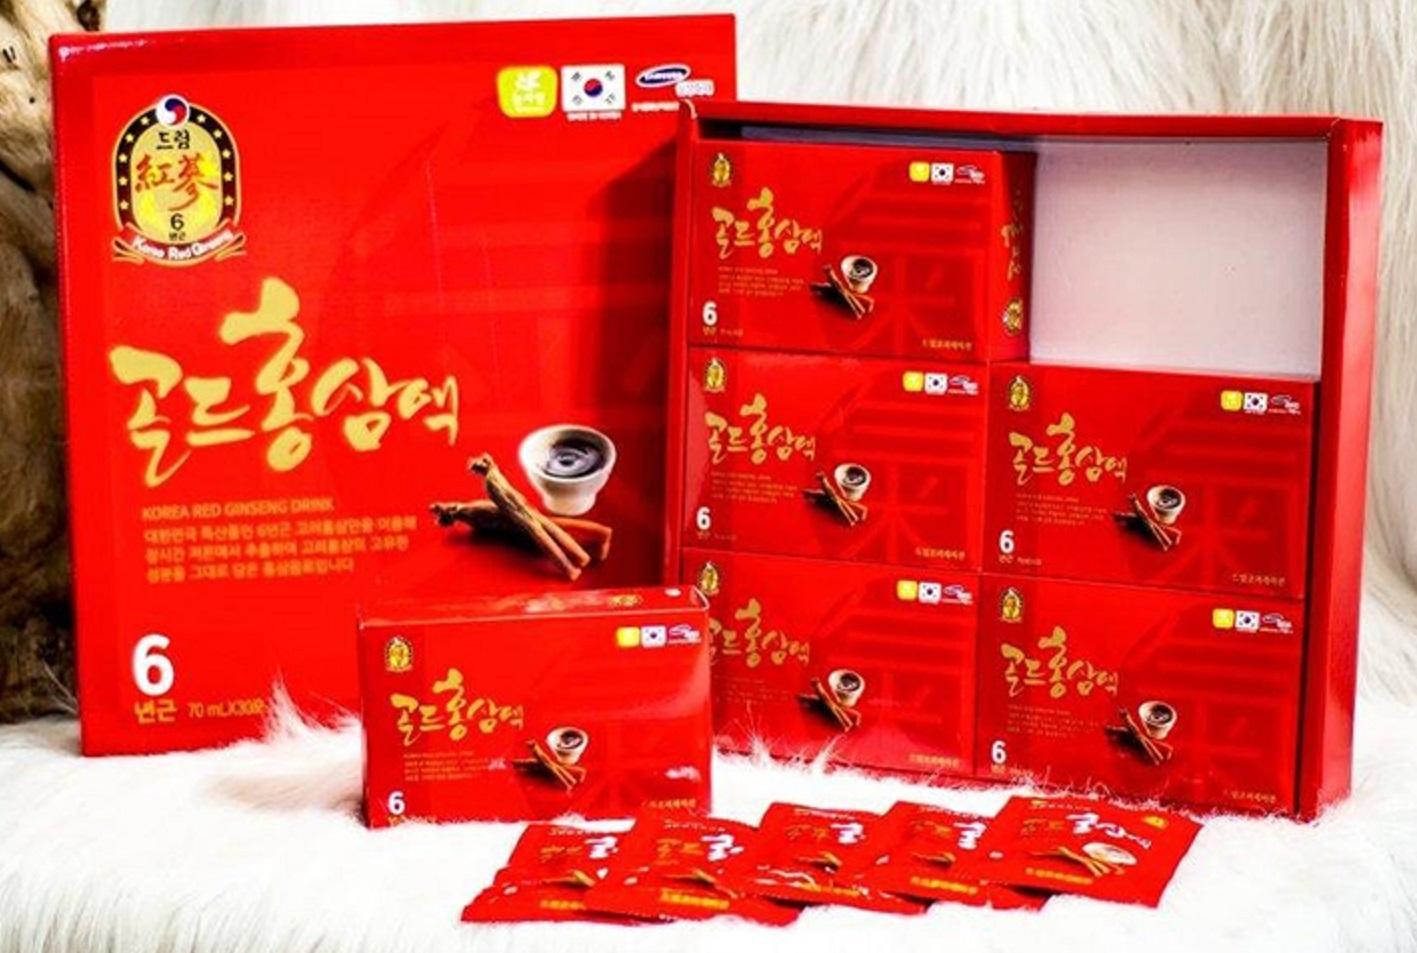 Nước Uống Hồng Sâm 6 Năm Korea Red Ginseng Drink Sobek (70 ml x 30 gói) 1